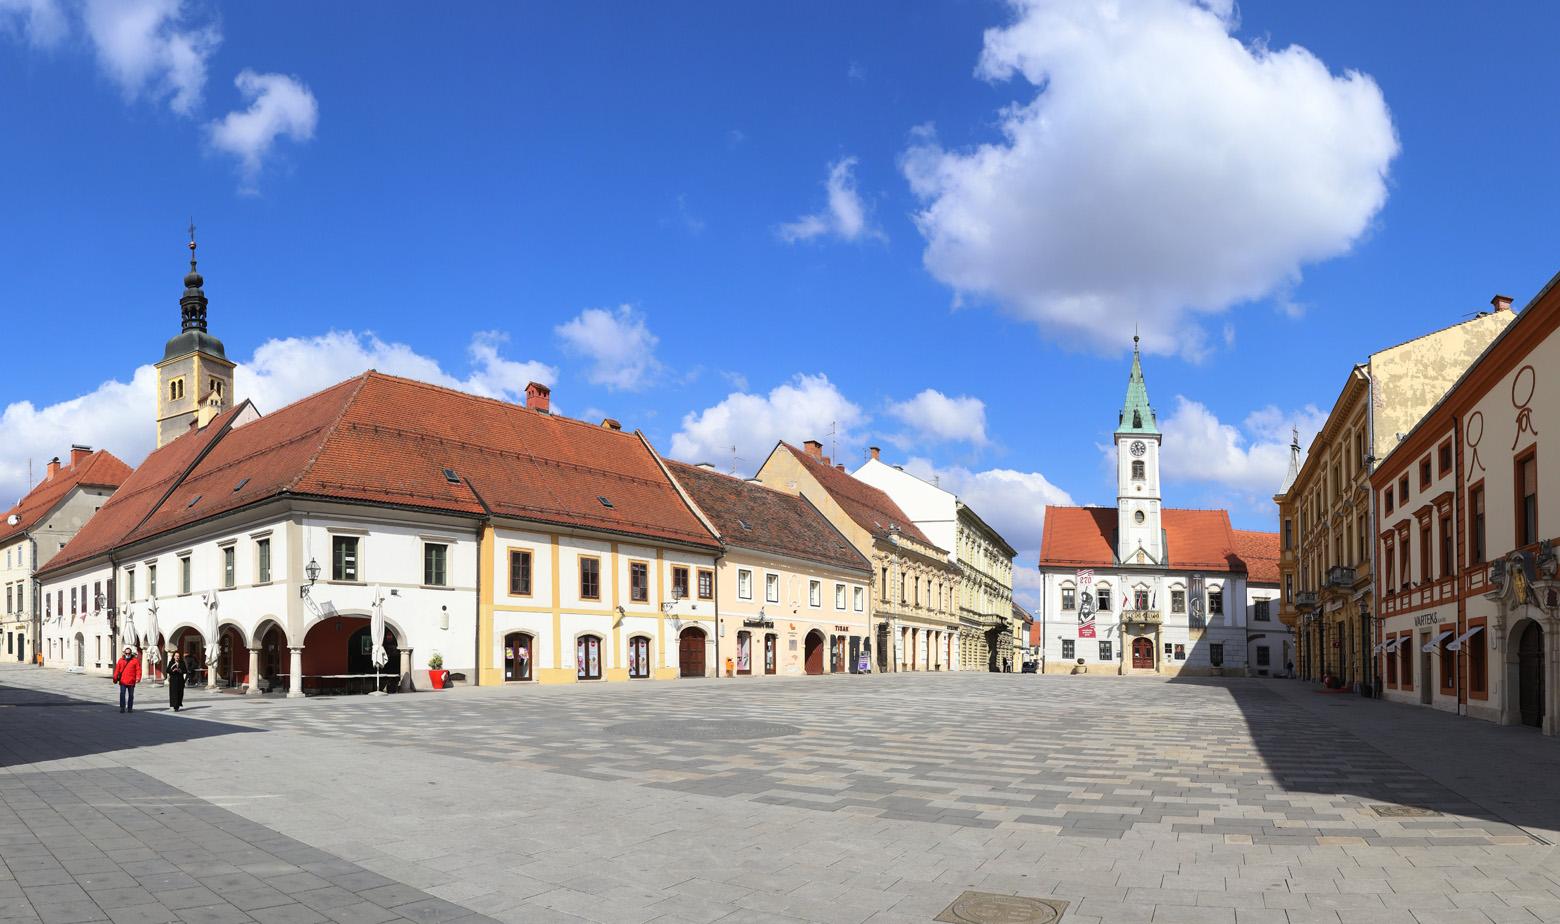 Prijevara u Varaždinu: Predstavio se kao američki vojnik, ona mu poslala 15.000 eura i dva mobitela